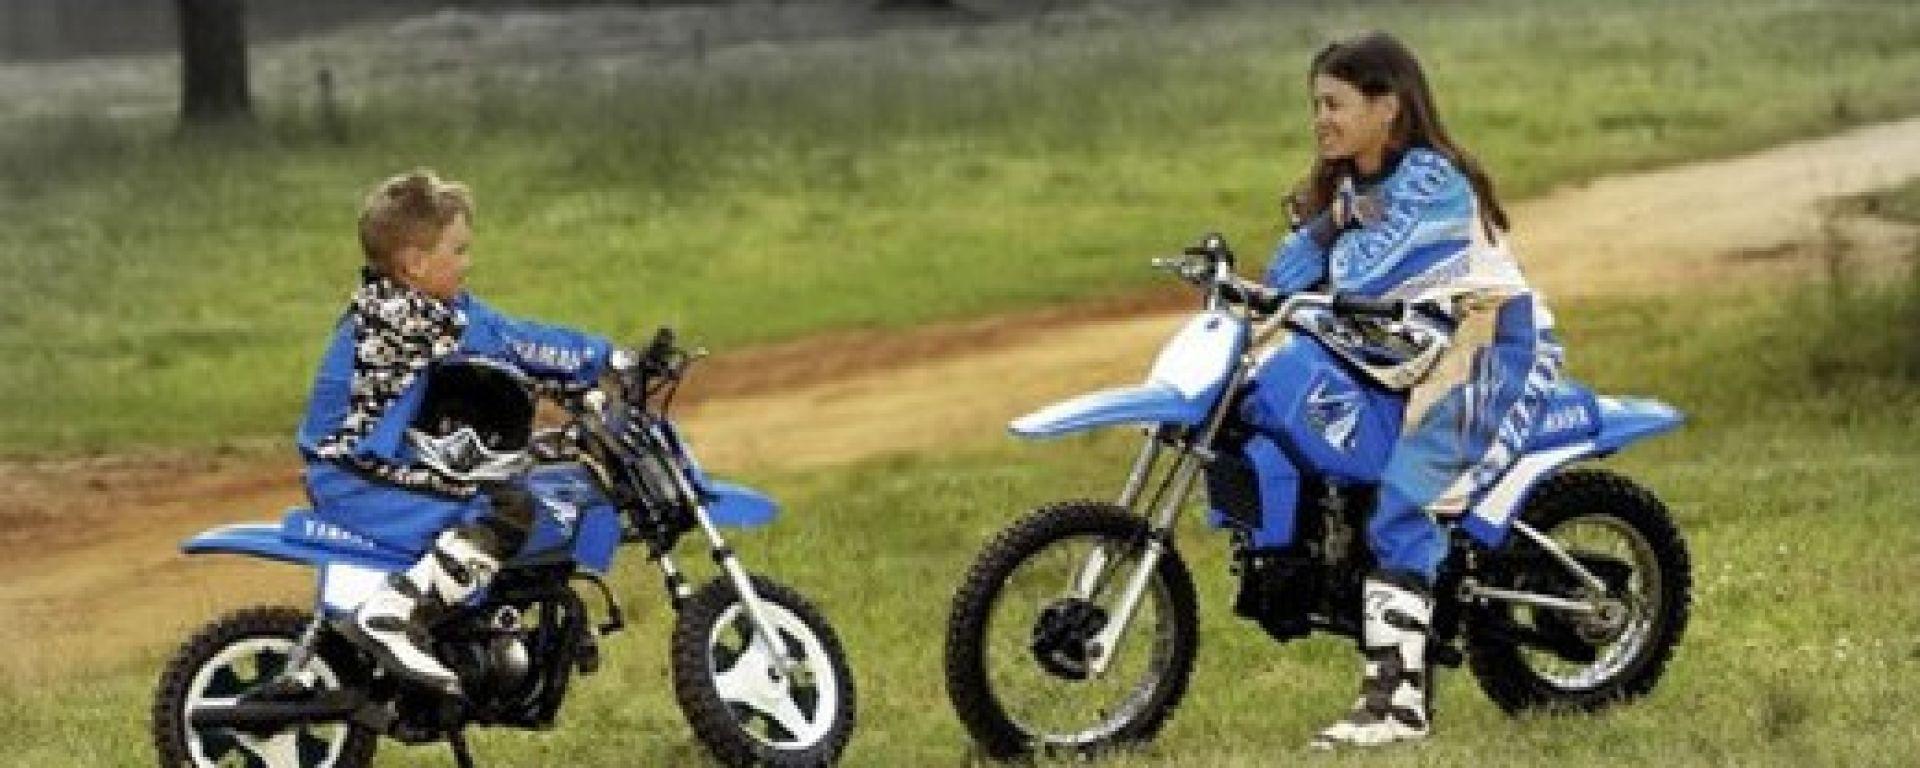 BABY RIDING SCHOOL 2011:scuola moto per bambini